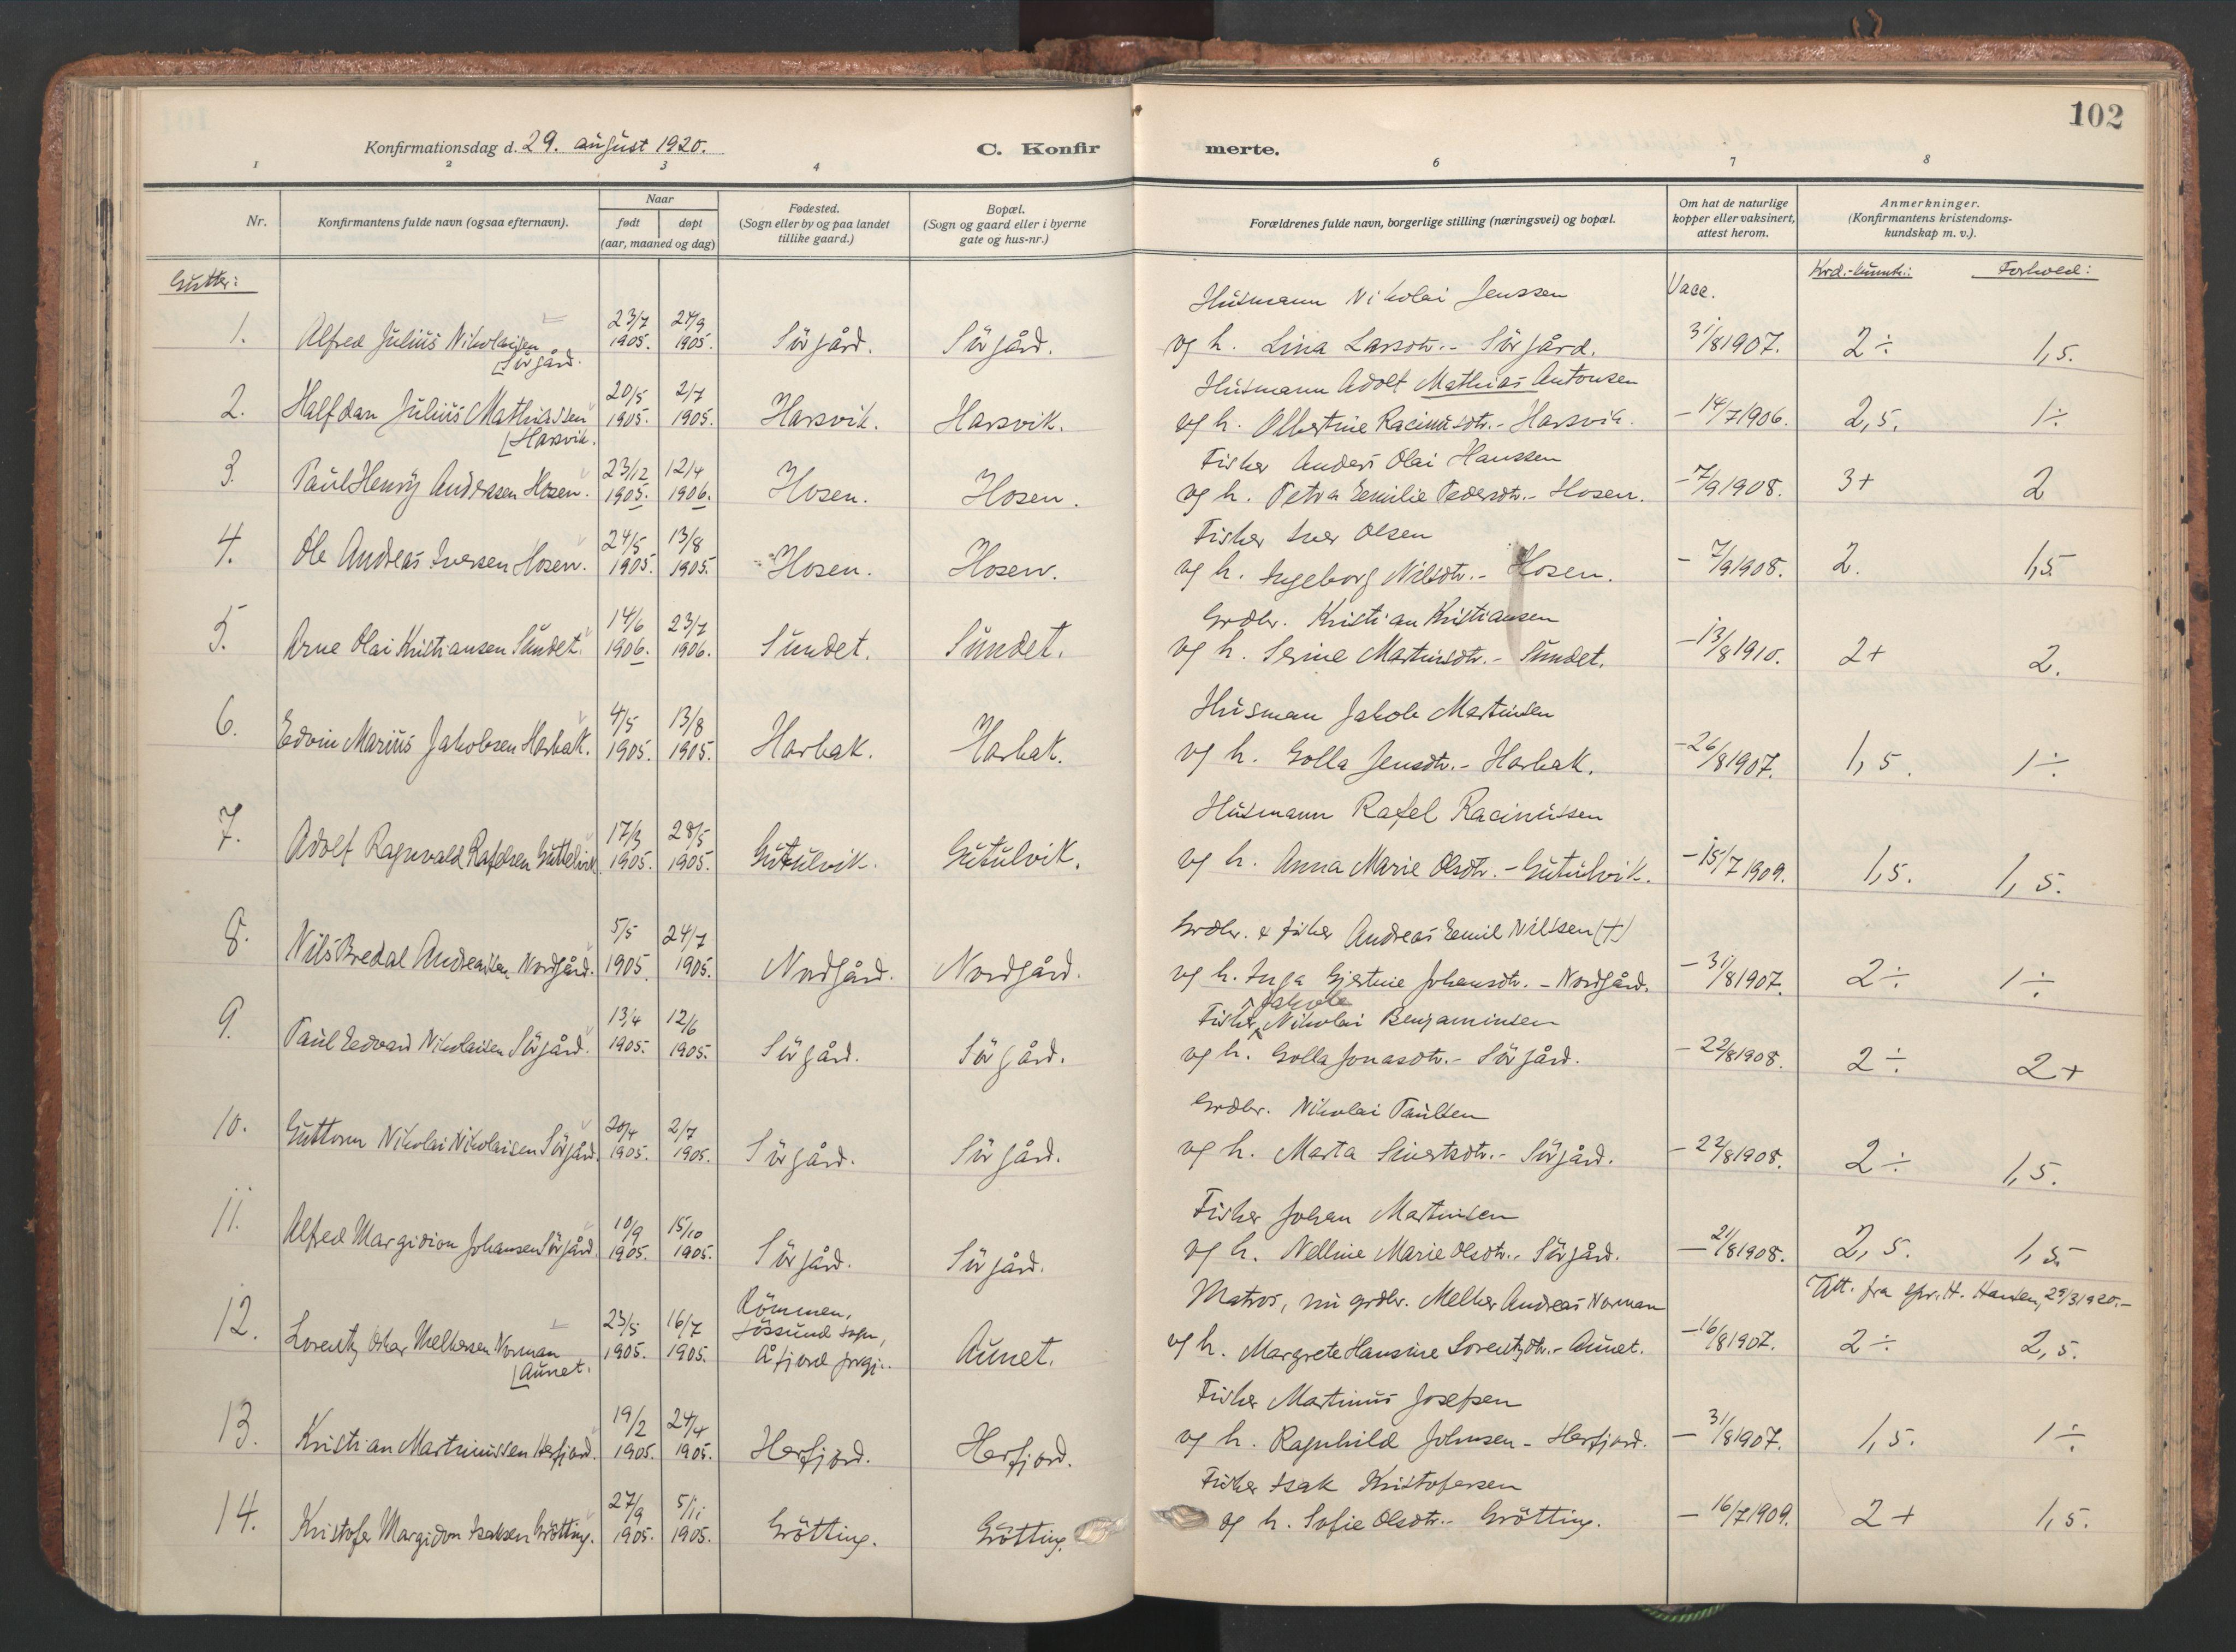 SAT, Ministerialprotokoller, klokkerbøker og fødselsregistre - Sør-Trøndelag, 656/L0694: Ministerialbok nr. 656A03, 1914-1931, s. 102